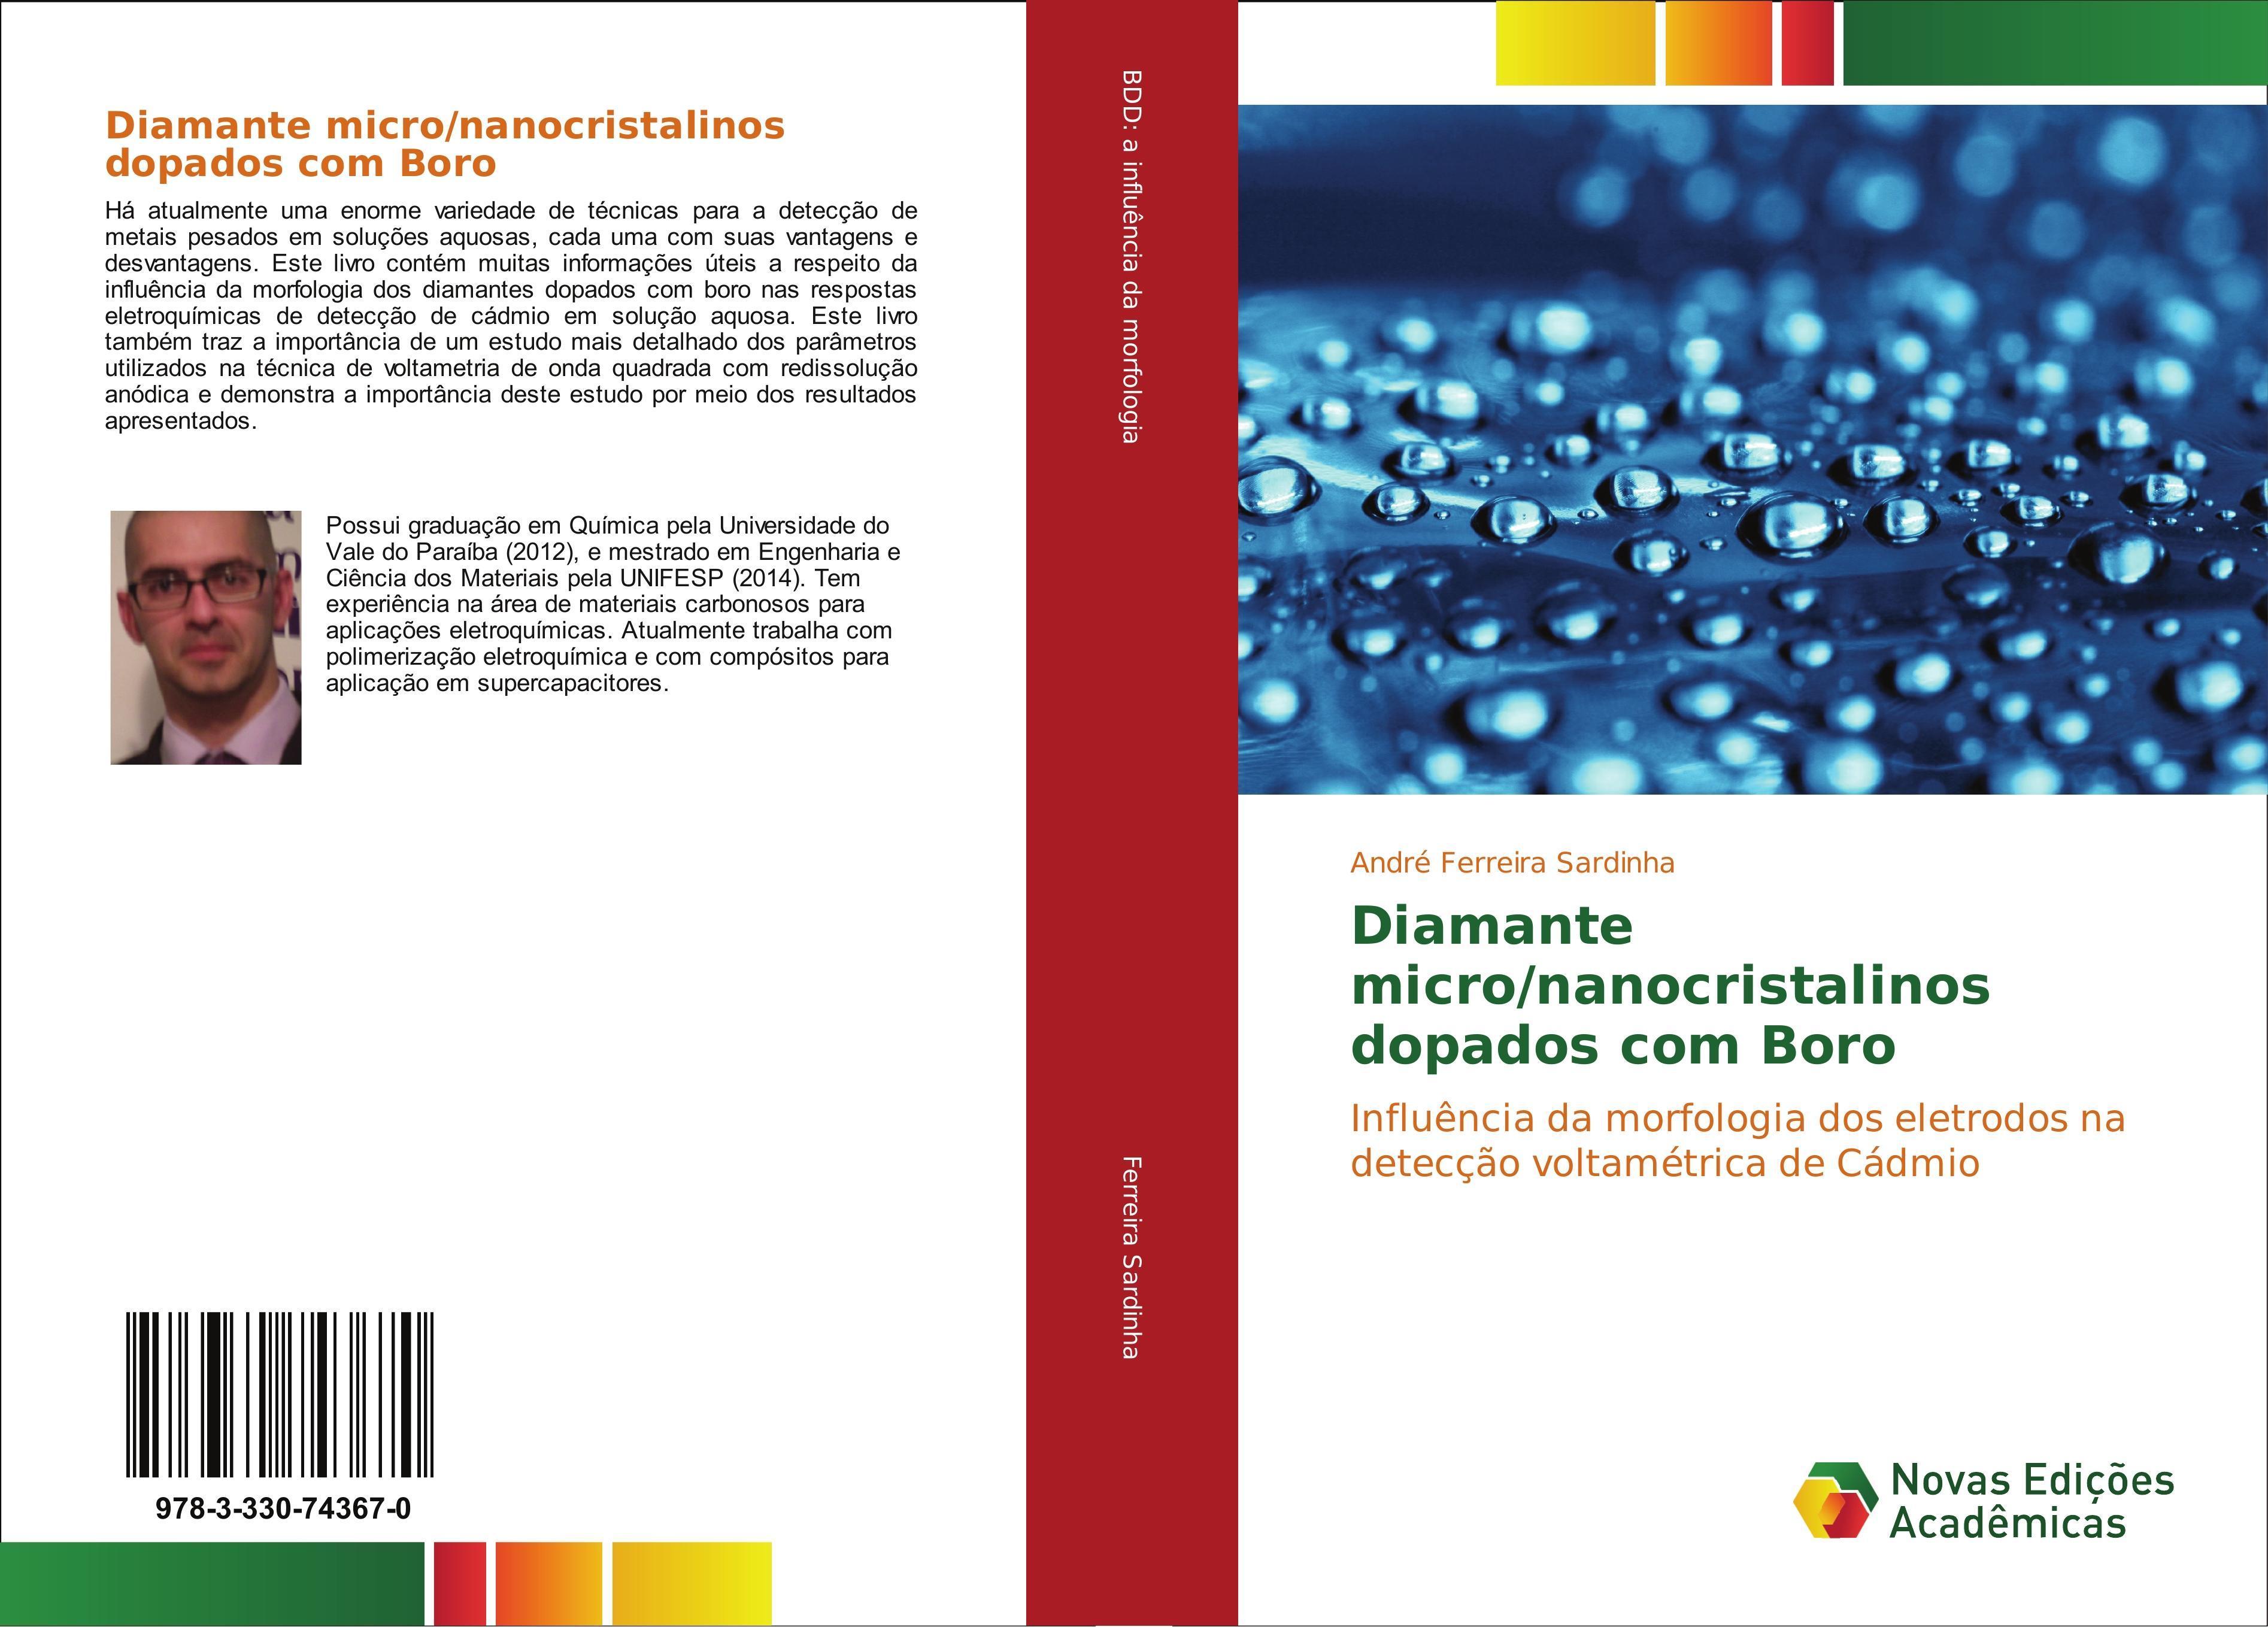 André Ferreira Sardinha / Diamante micro/nanocristalinos dop ... 9783330743670